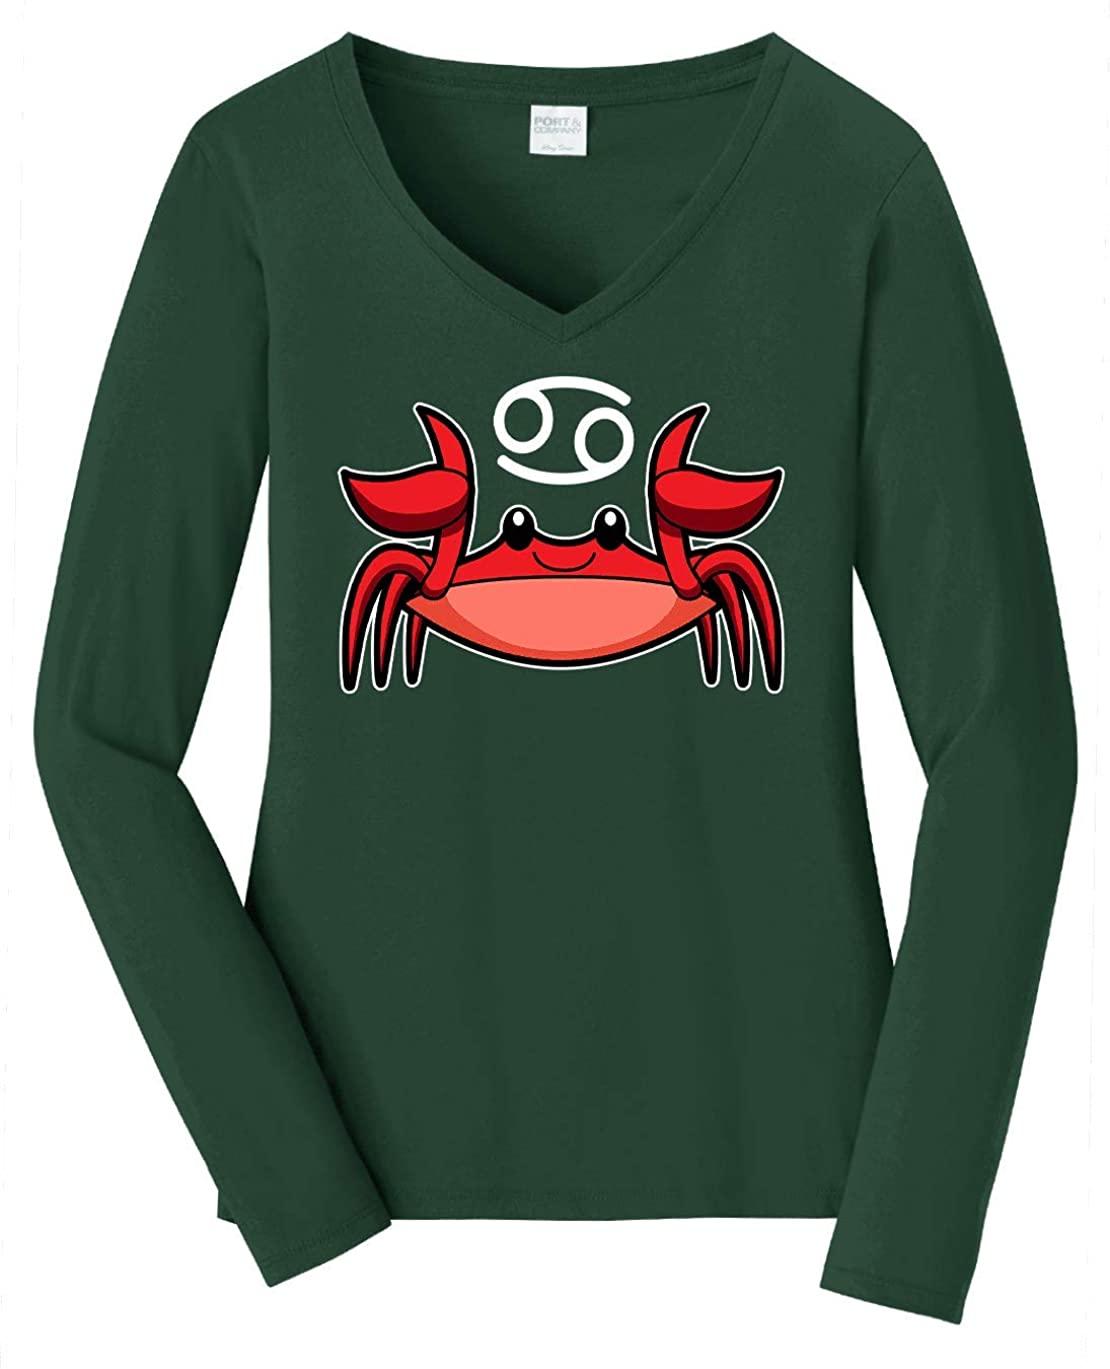 HARD EDGE DESIGN Women's Chibi Cancer Long Sleeve V Neck T-Shirt, Medium, Forest Green